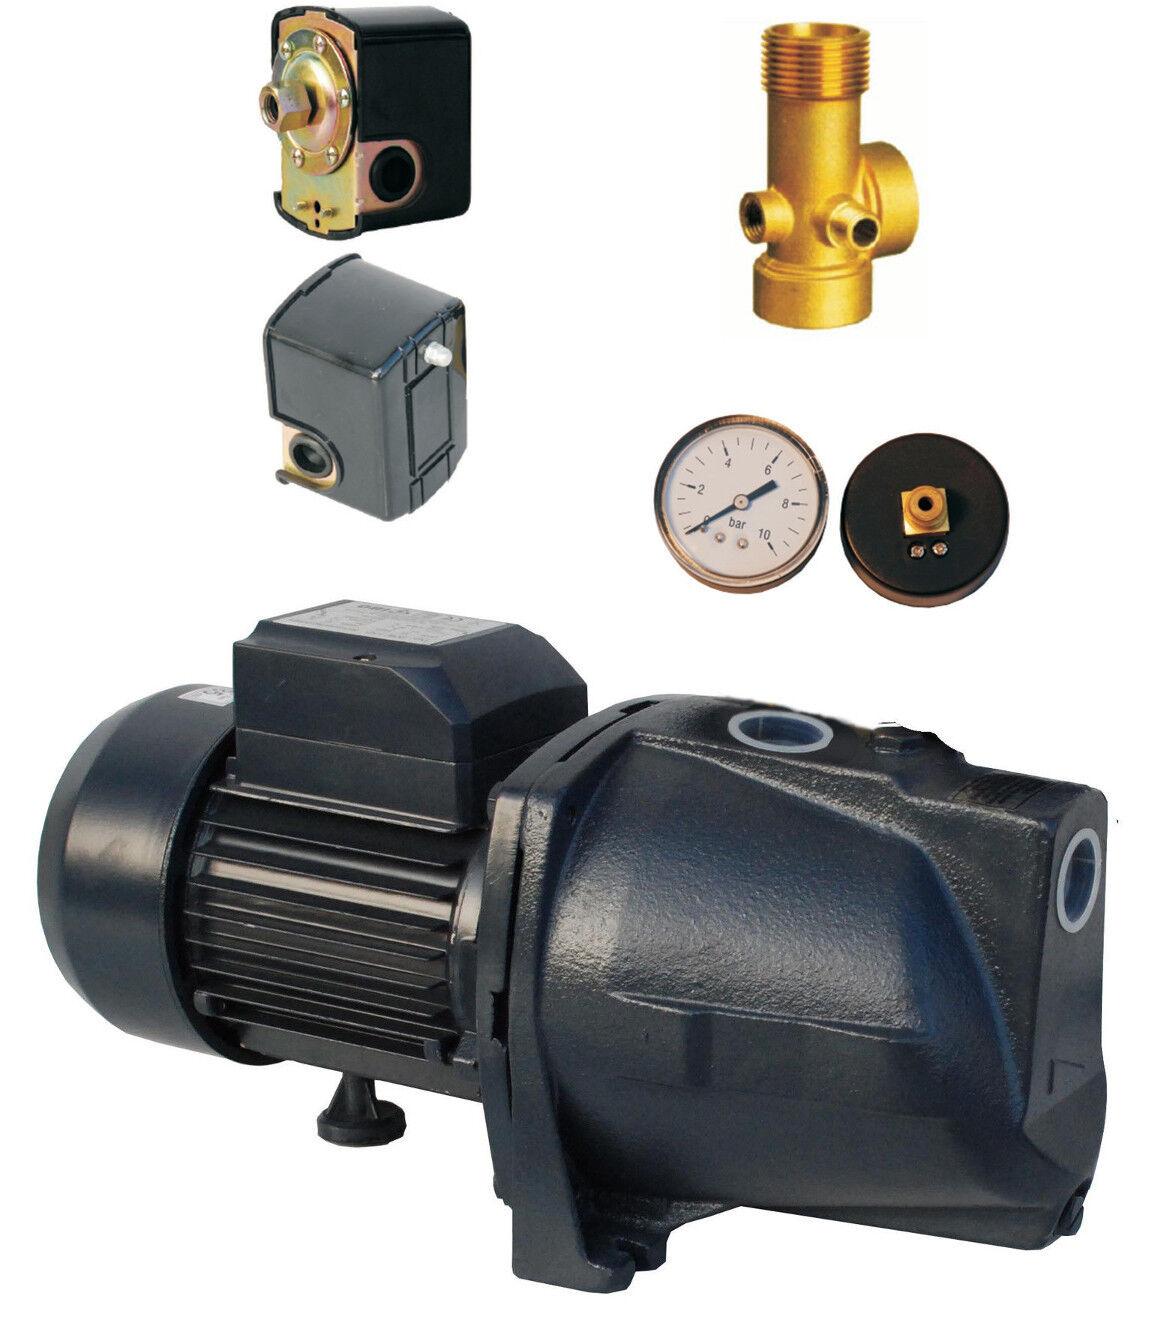 Bomba reforzadora de agua ascendente 1 JSW150 1.5 Kw + Kit de expansión de buques calibre Interruptor De Presión